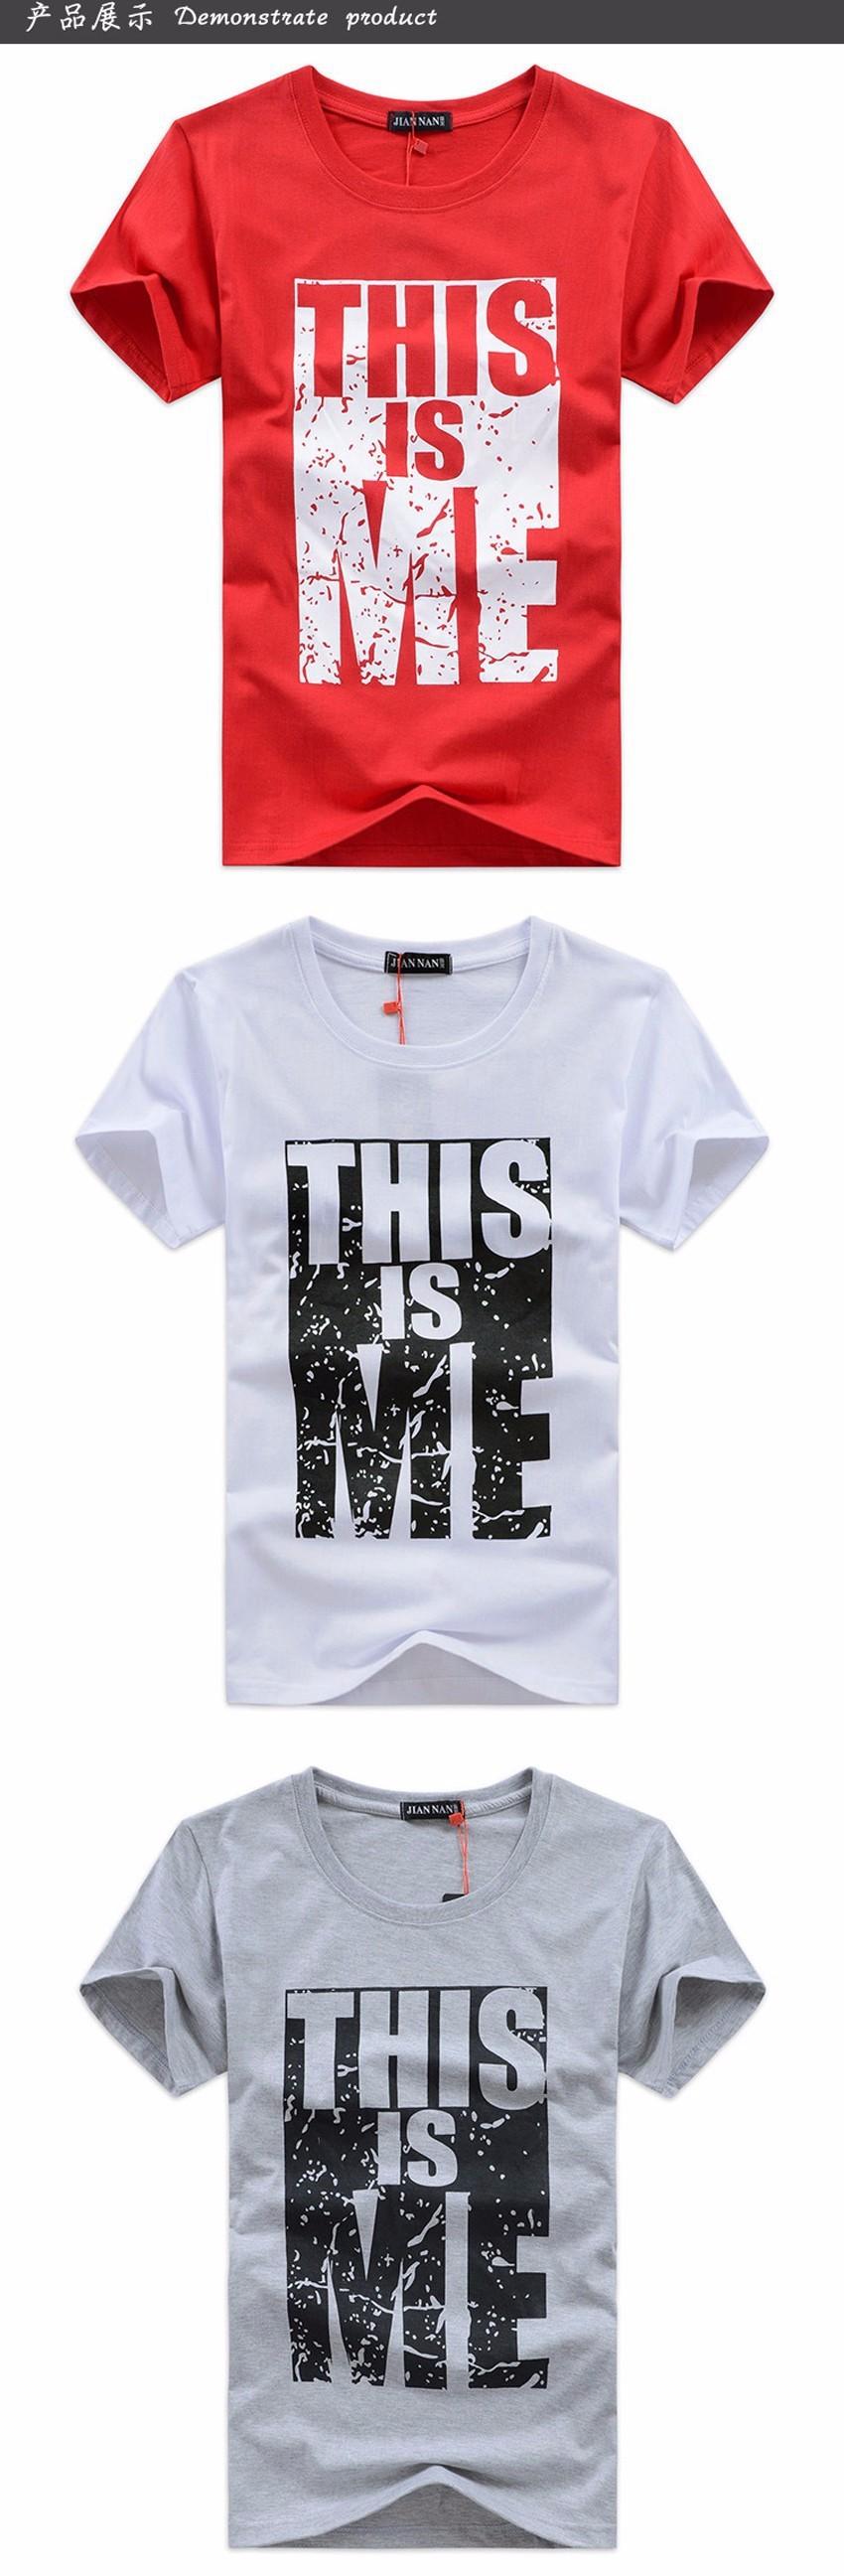 HTB1tO6gHFXXXXcGXVXXq6xXFXXXW - Brand Men T-shirt Swag T-Shirt boyfriend gift ideas